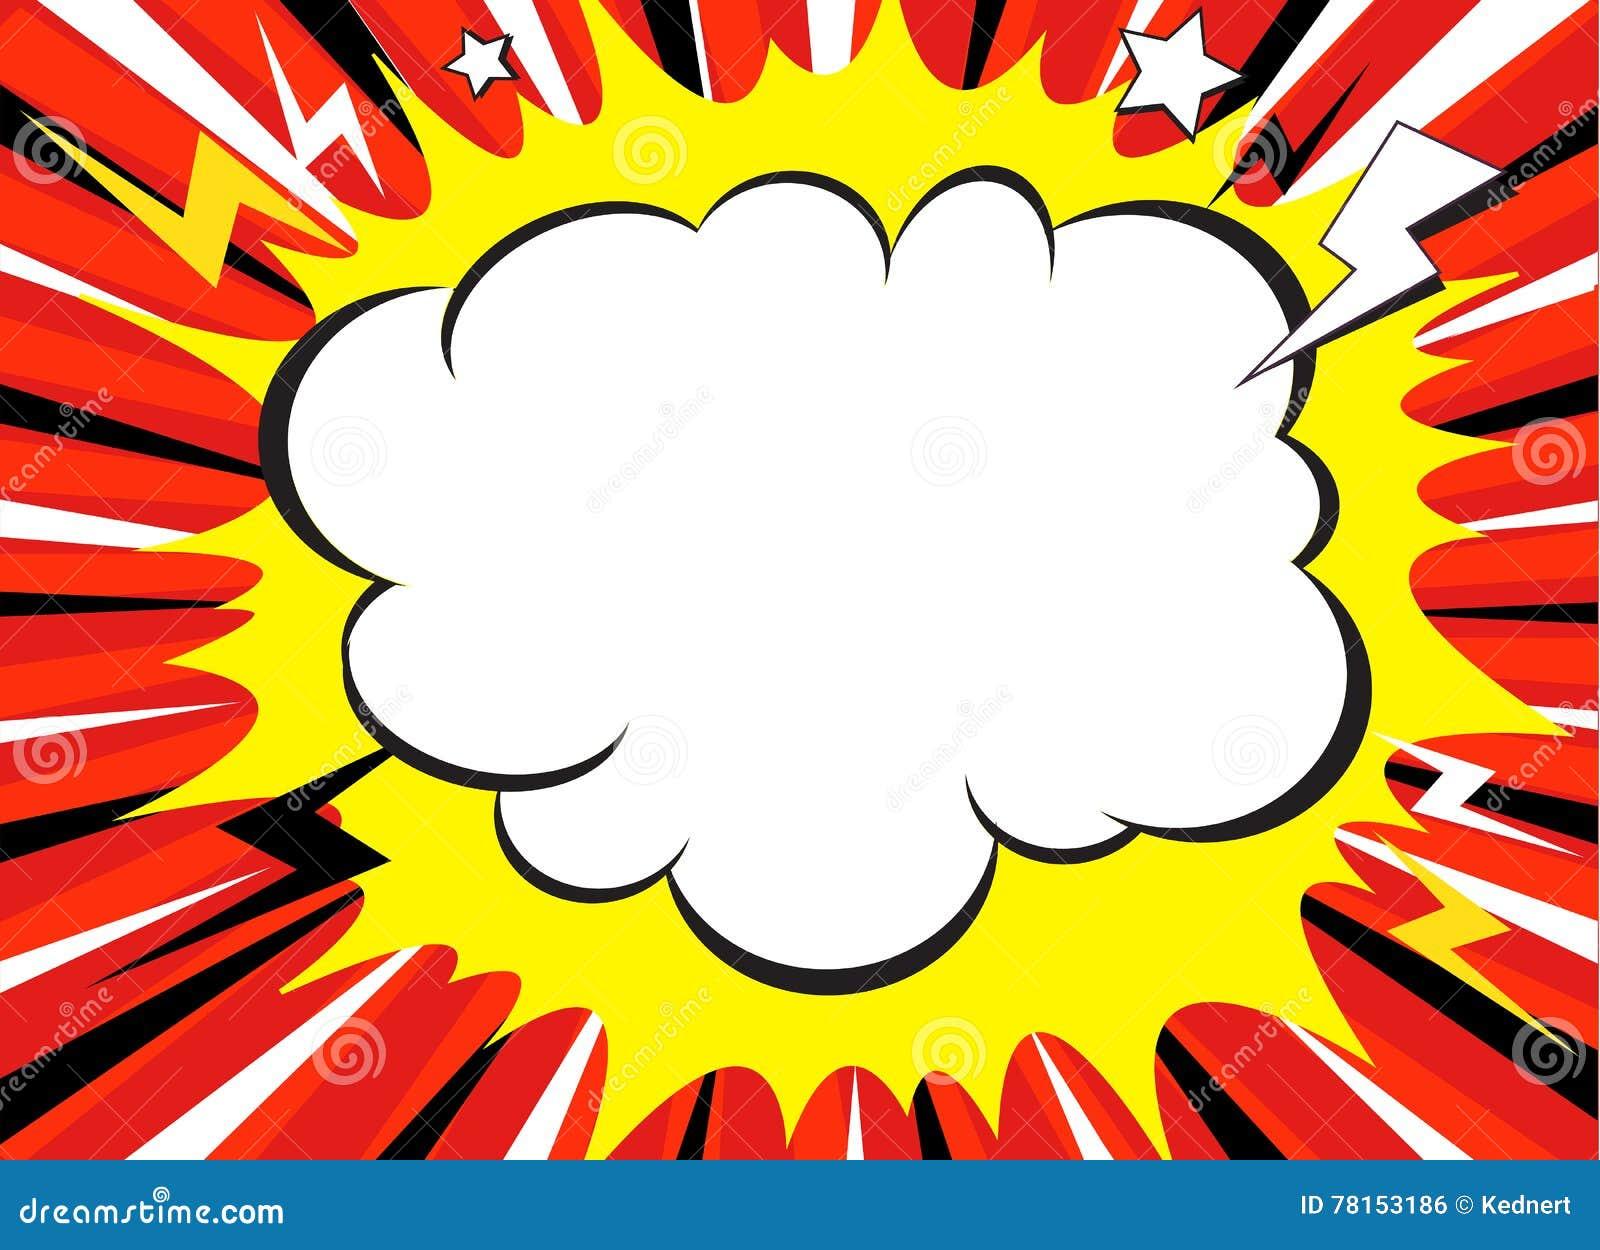 La parte radial del estilo del arte pop del super héroe de la explosión del cómic alinea el fondo Manga o marco de la velocidad d